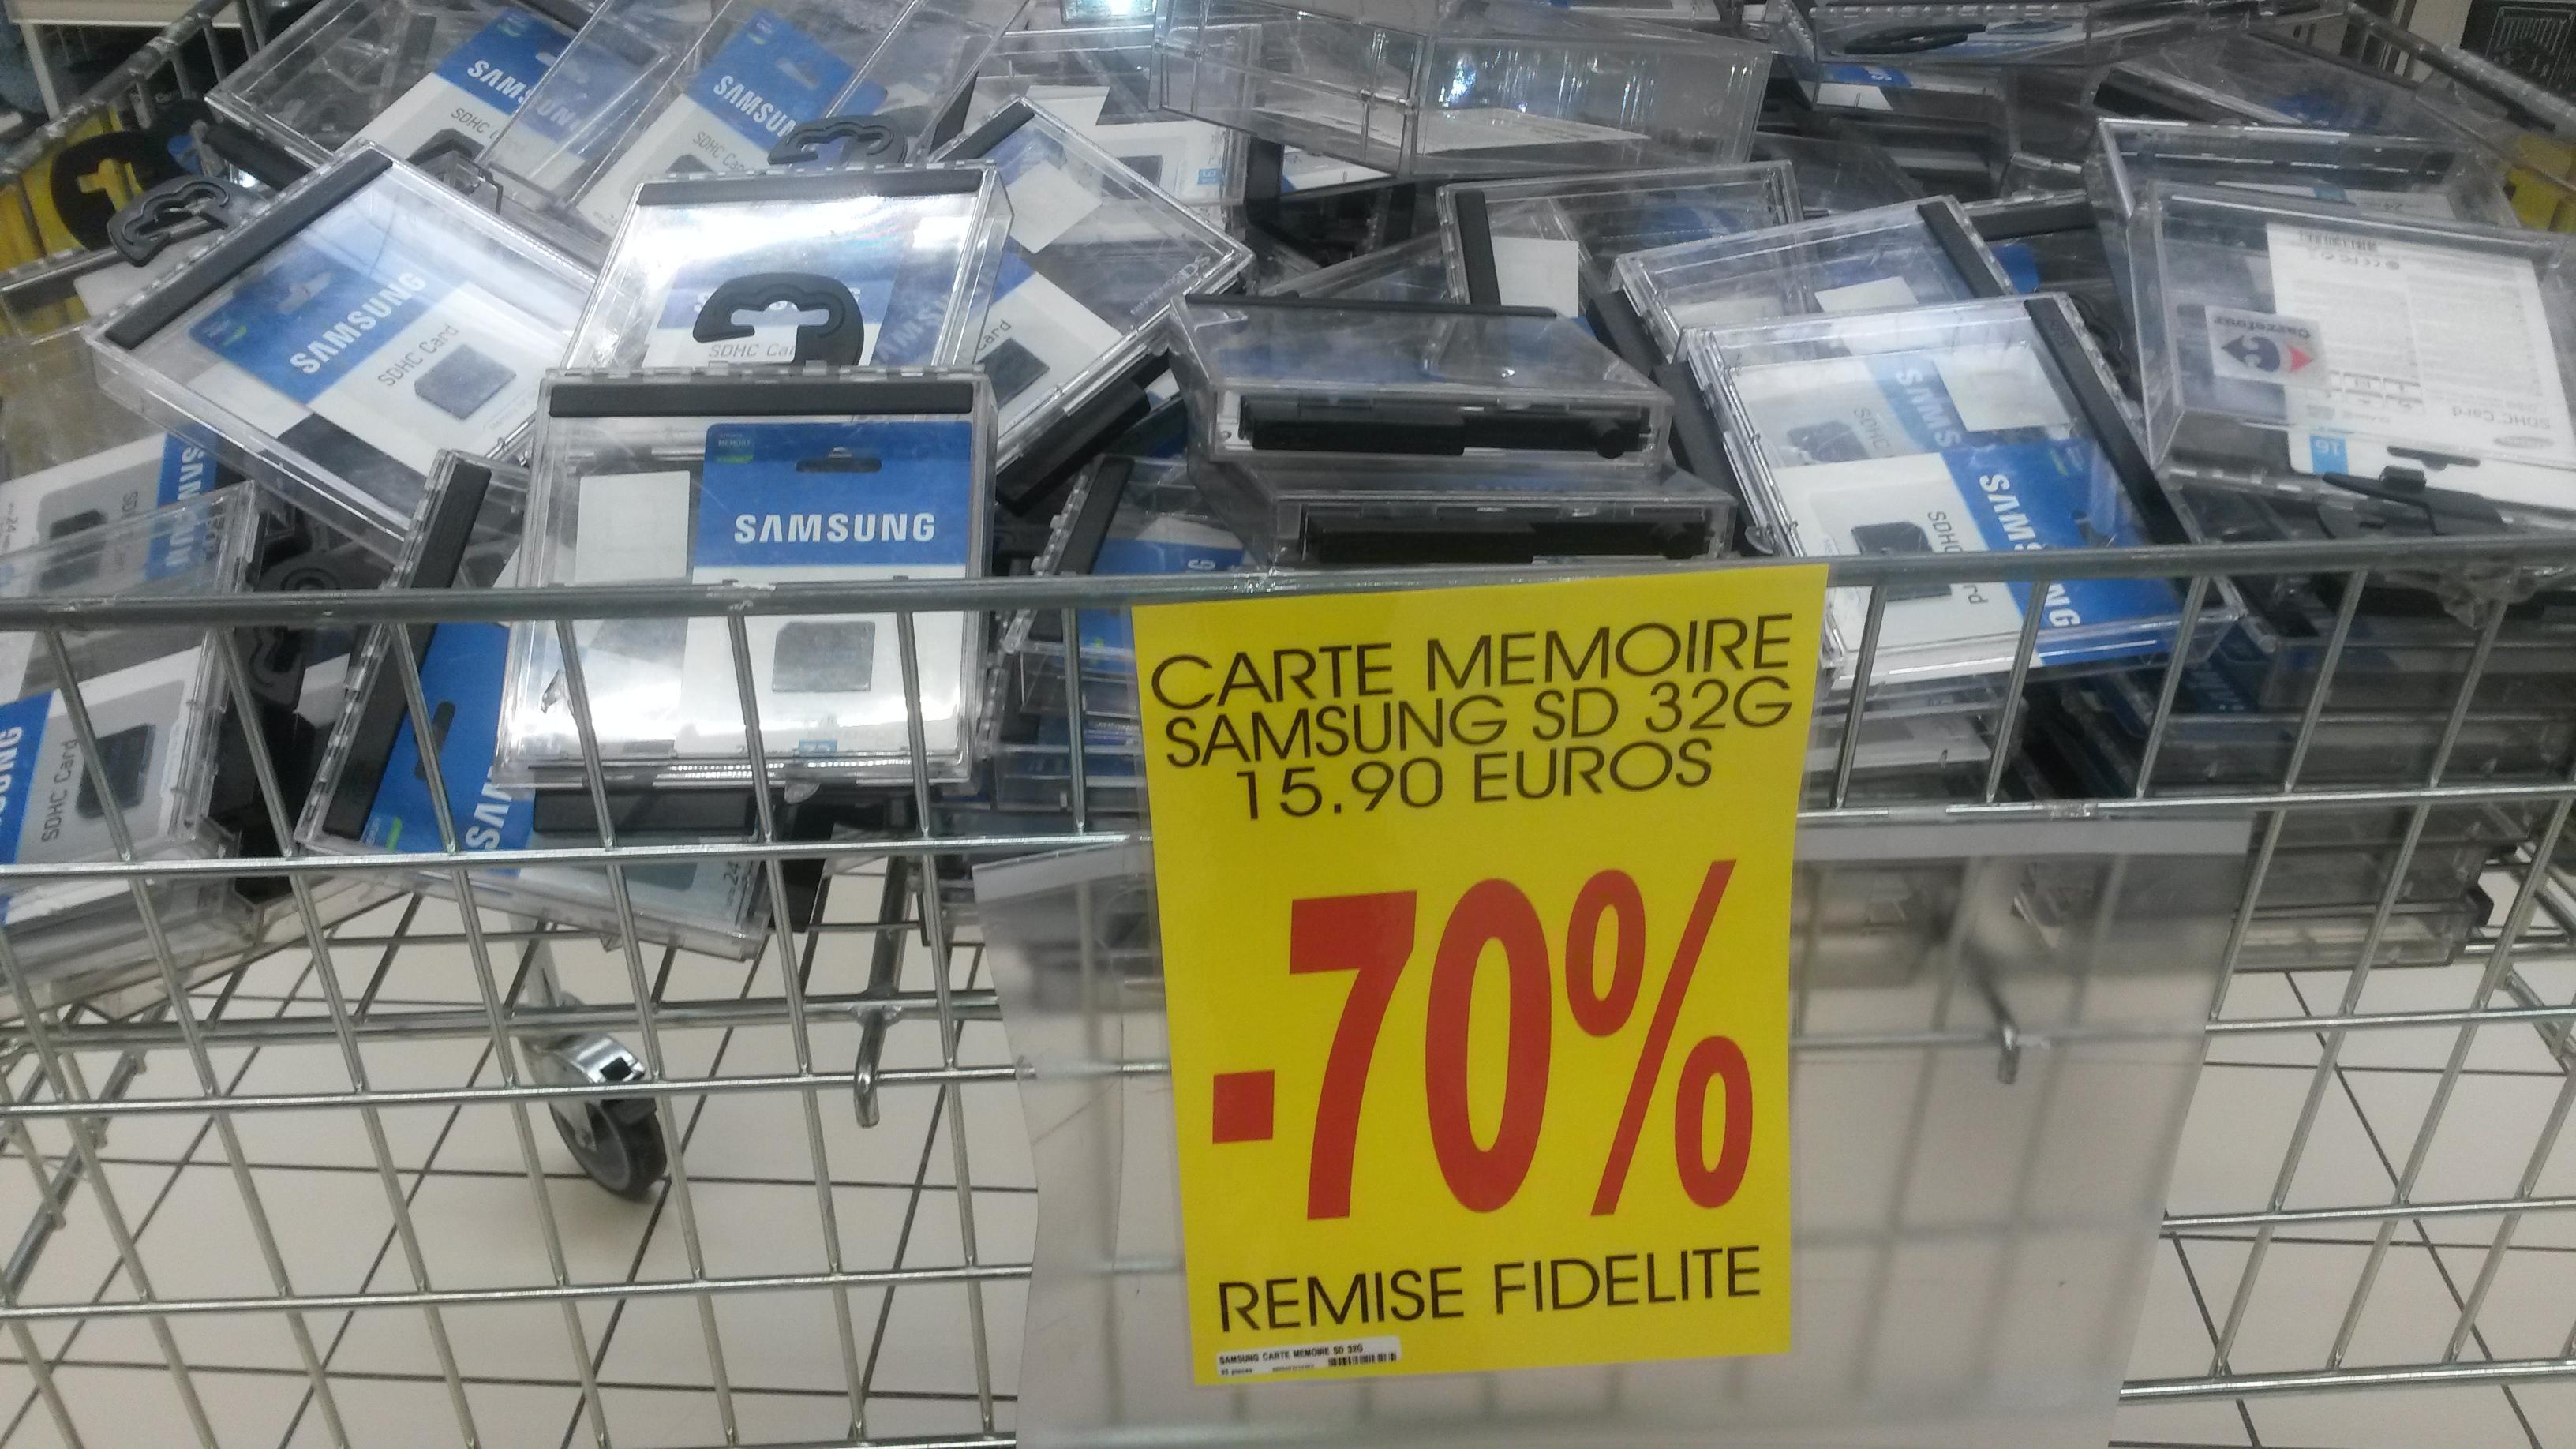 Sélection d'articles de Stockage en promotion - Ex: Cartes SDHC Samsung 32 Go